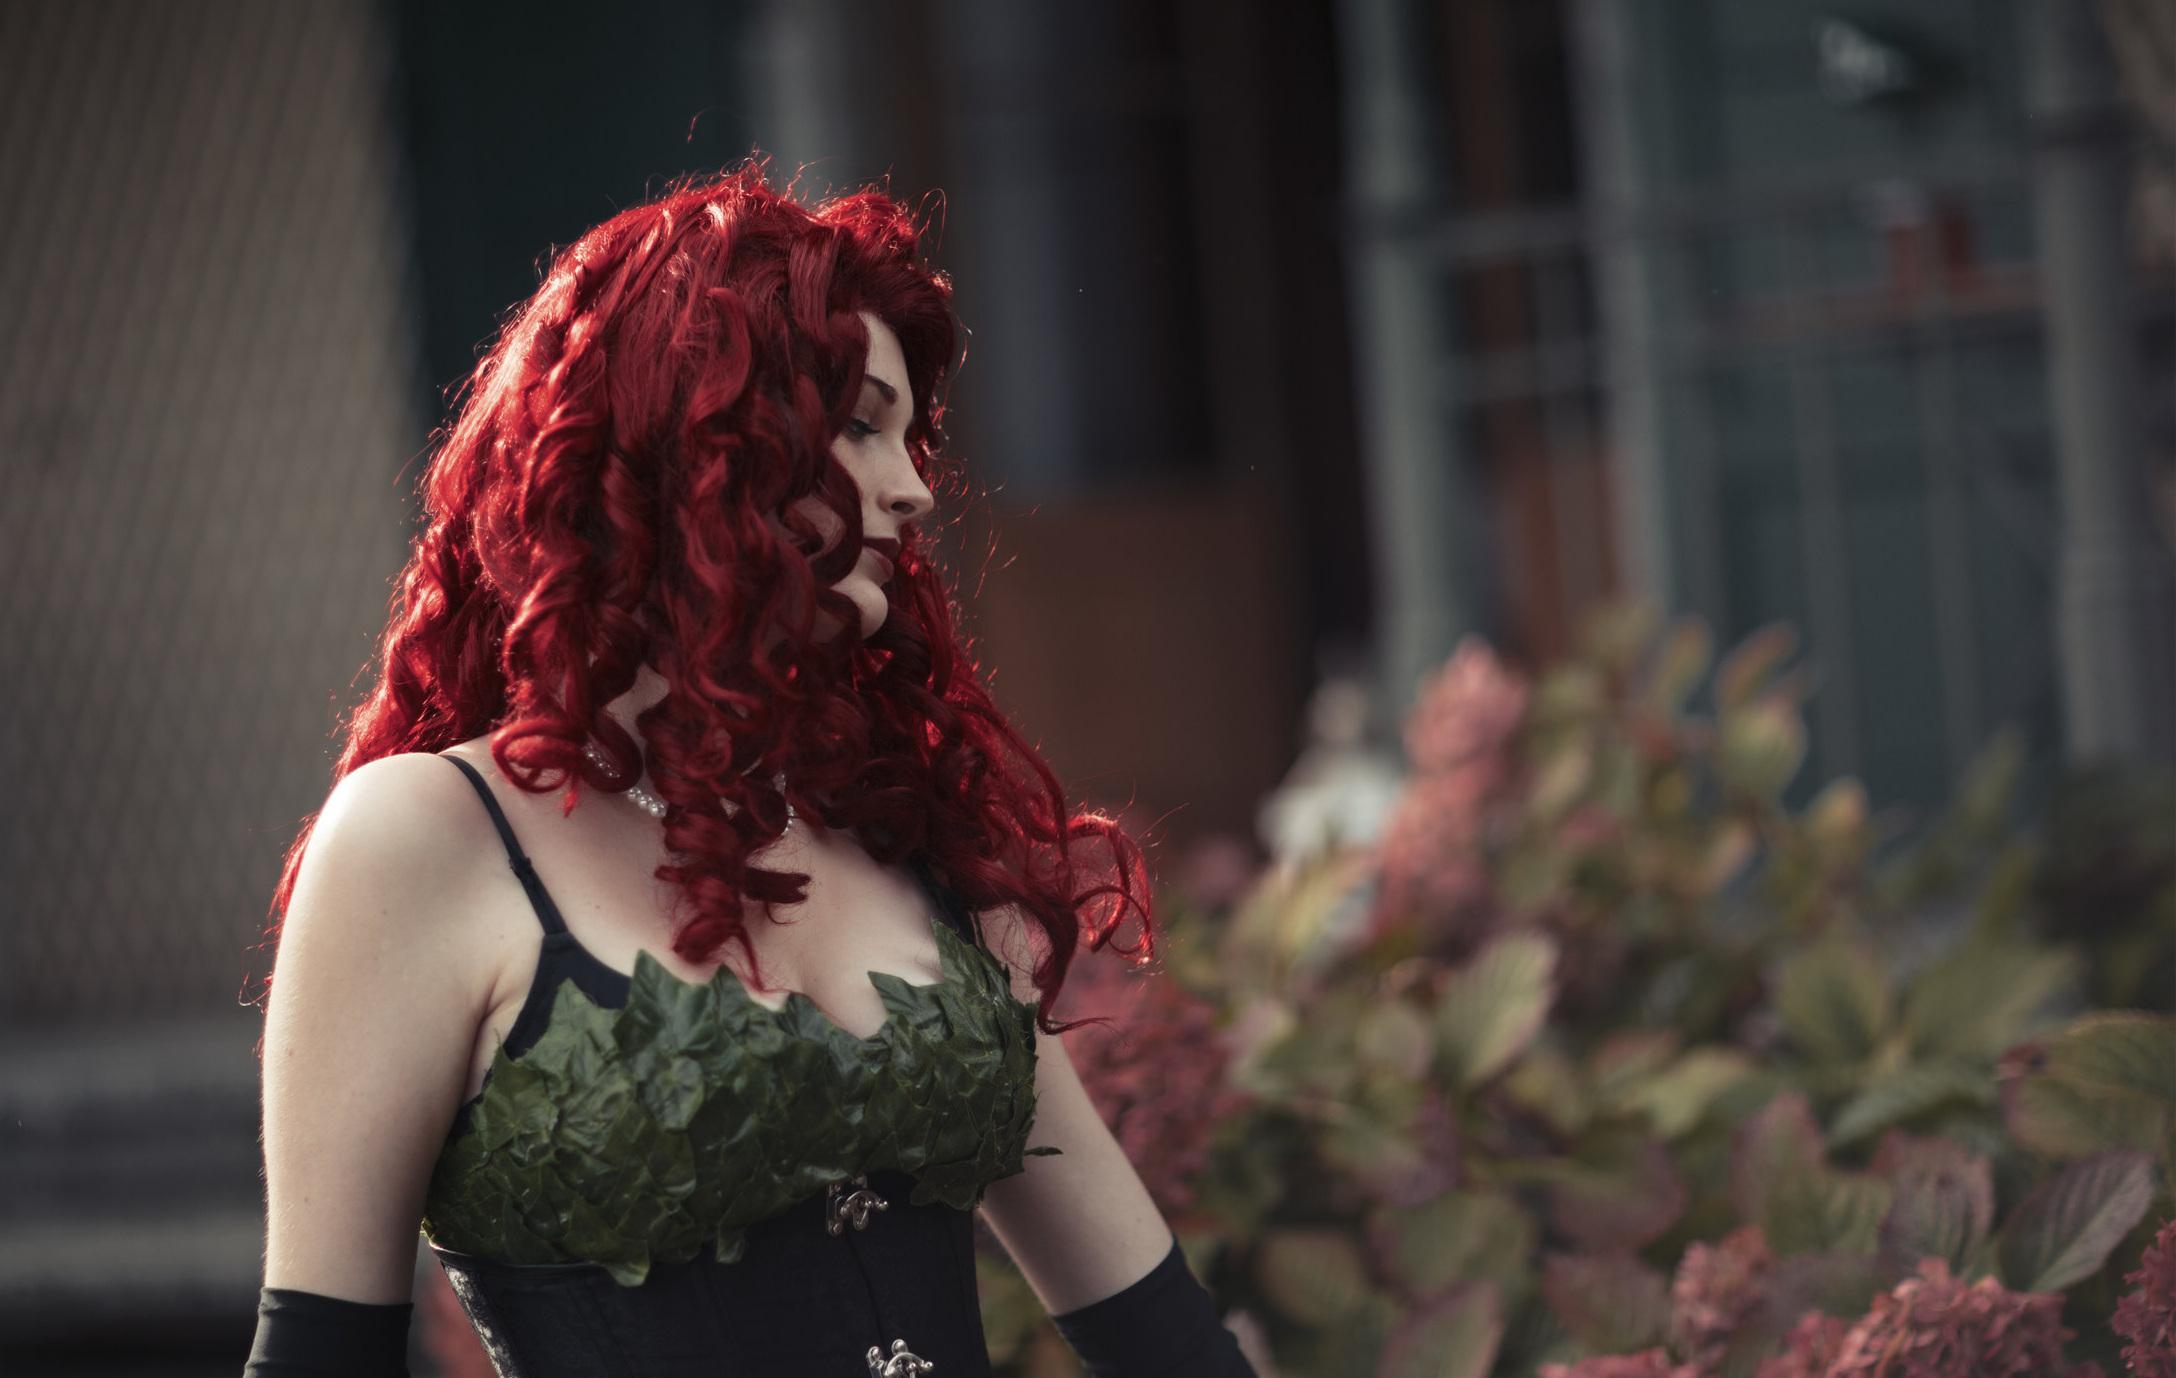 """Poison Ivy """"Arrysia"""" - Réalisation Mathias RochAnnée 2017Durée 4:12Shooting du cosplay de Poison Ivy (DC Comics) réalisé par Arrysia."""